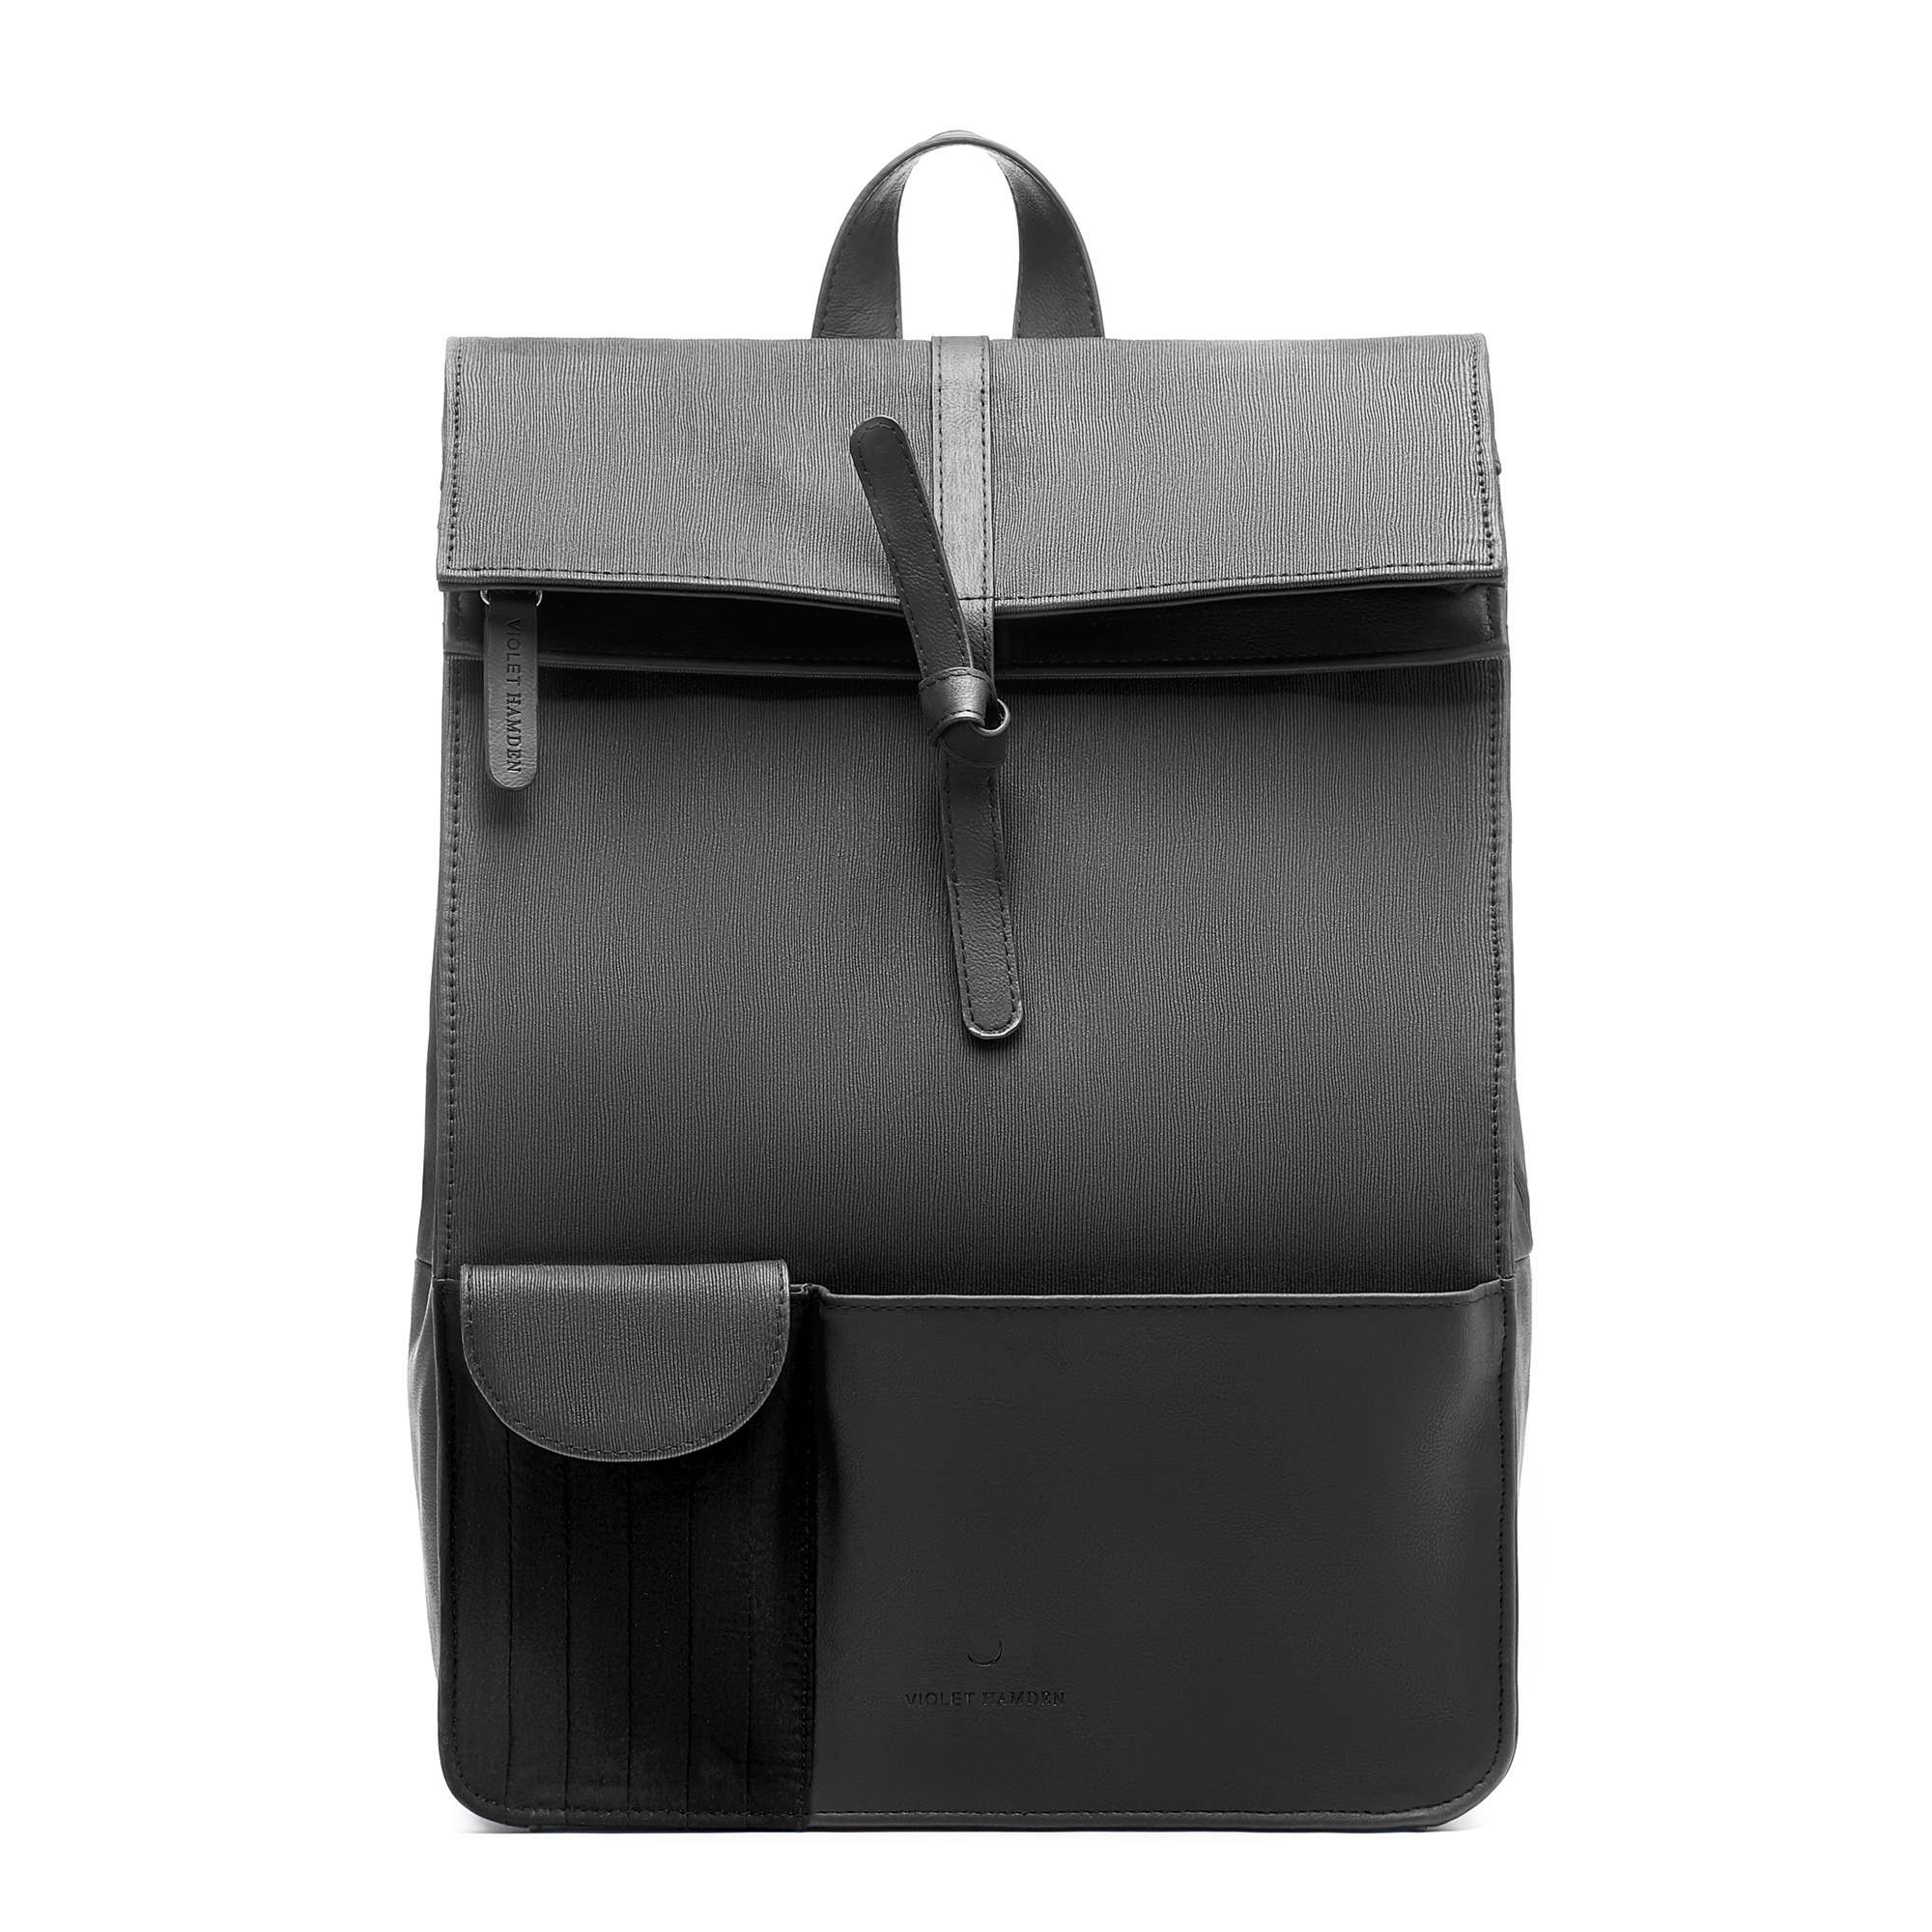 Violet Hamden Essential Bag sort rygsæk